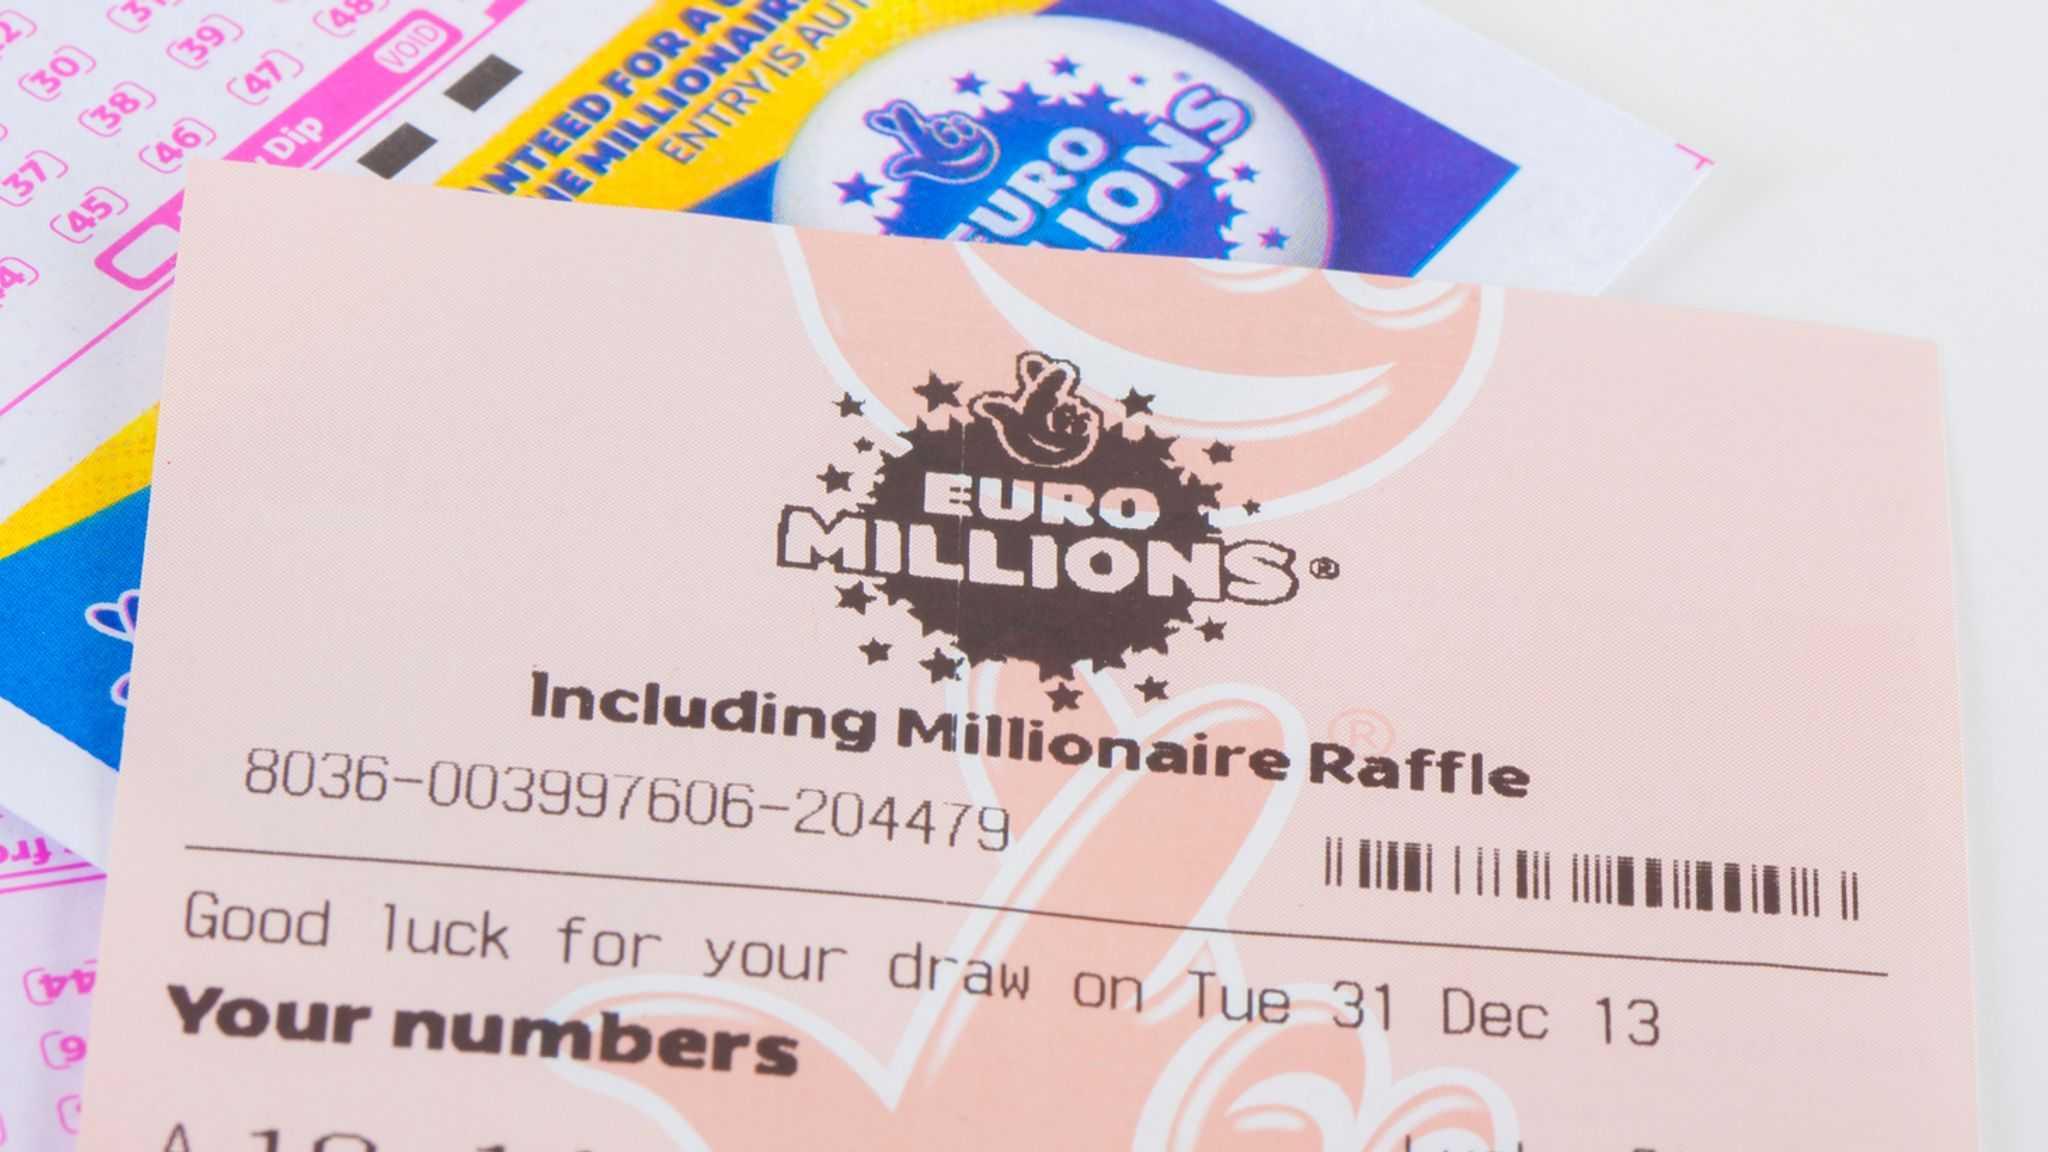 Spanska lotteri euromillioner (5 из 50 + 2 av 12)